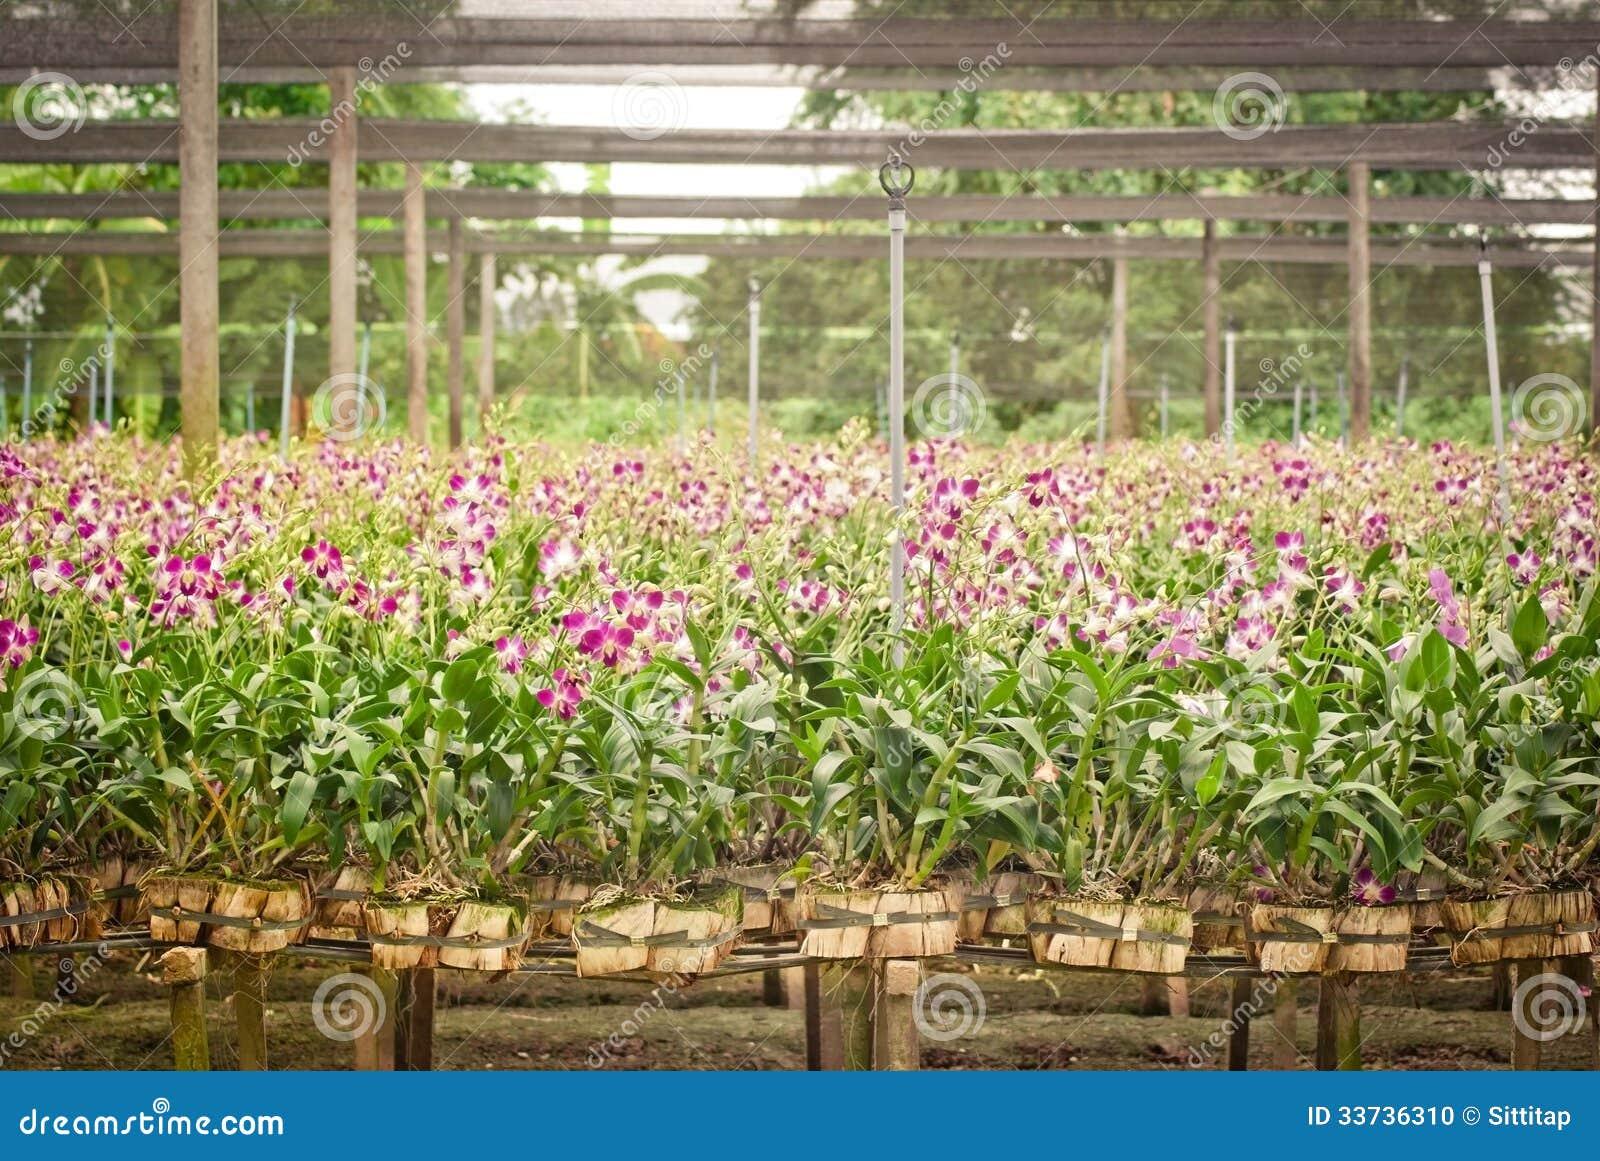 Сад орхидеи